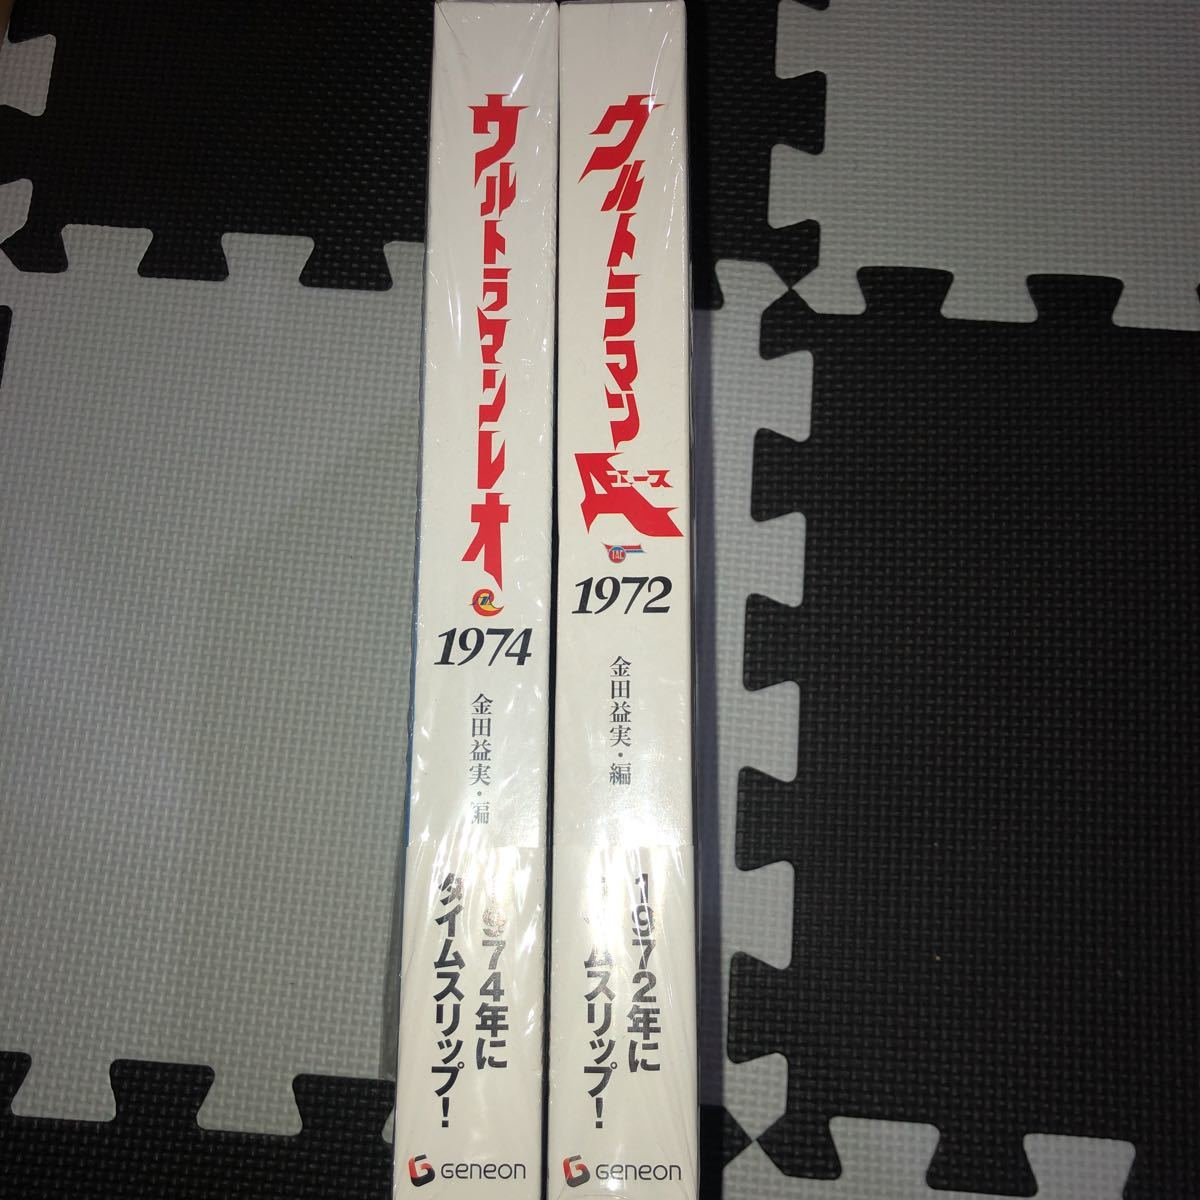 ほぼ新品! ウルトラマンエース A ウルトラマン レオ DVD 1974年 1972年 タイムスリップ _画像3